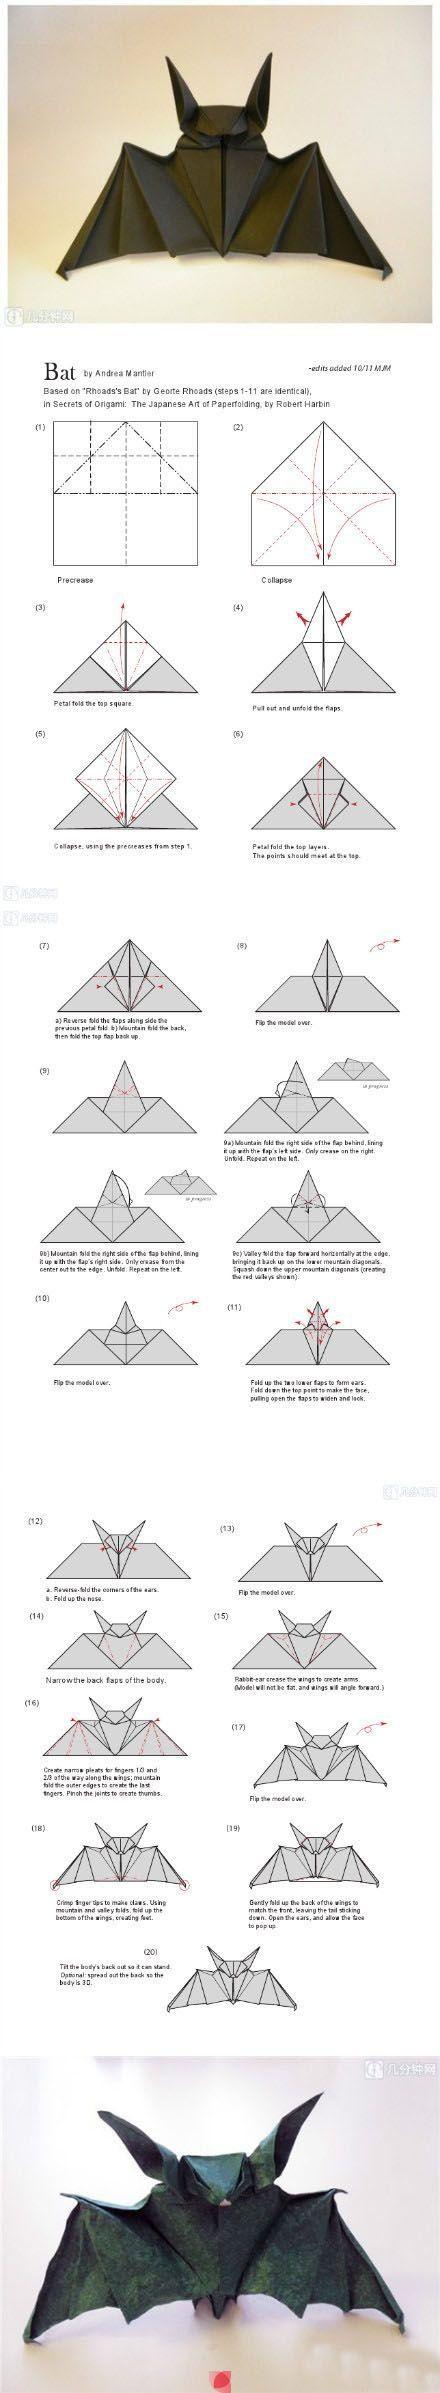 Origami - Bat